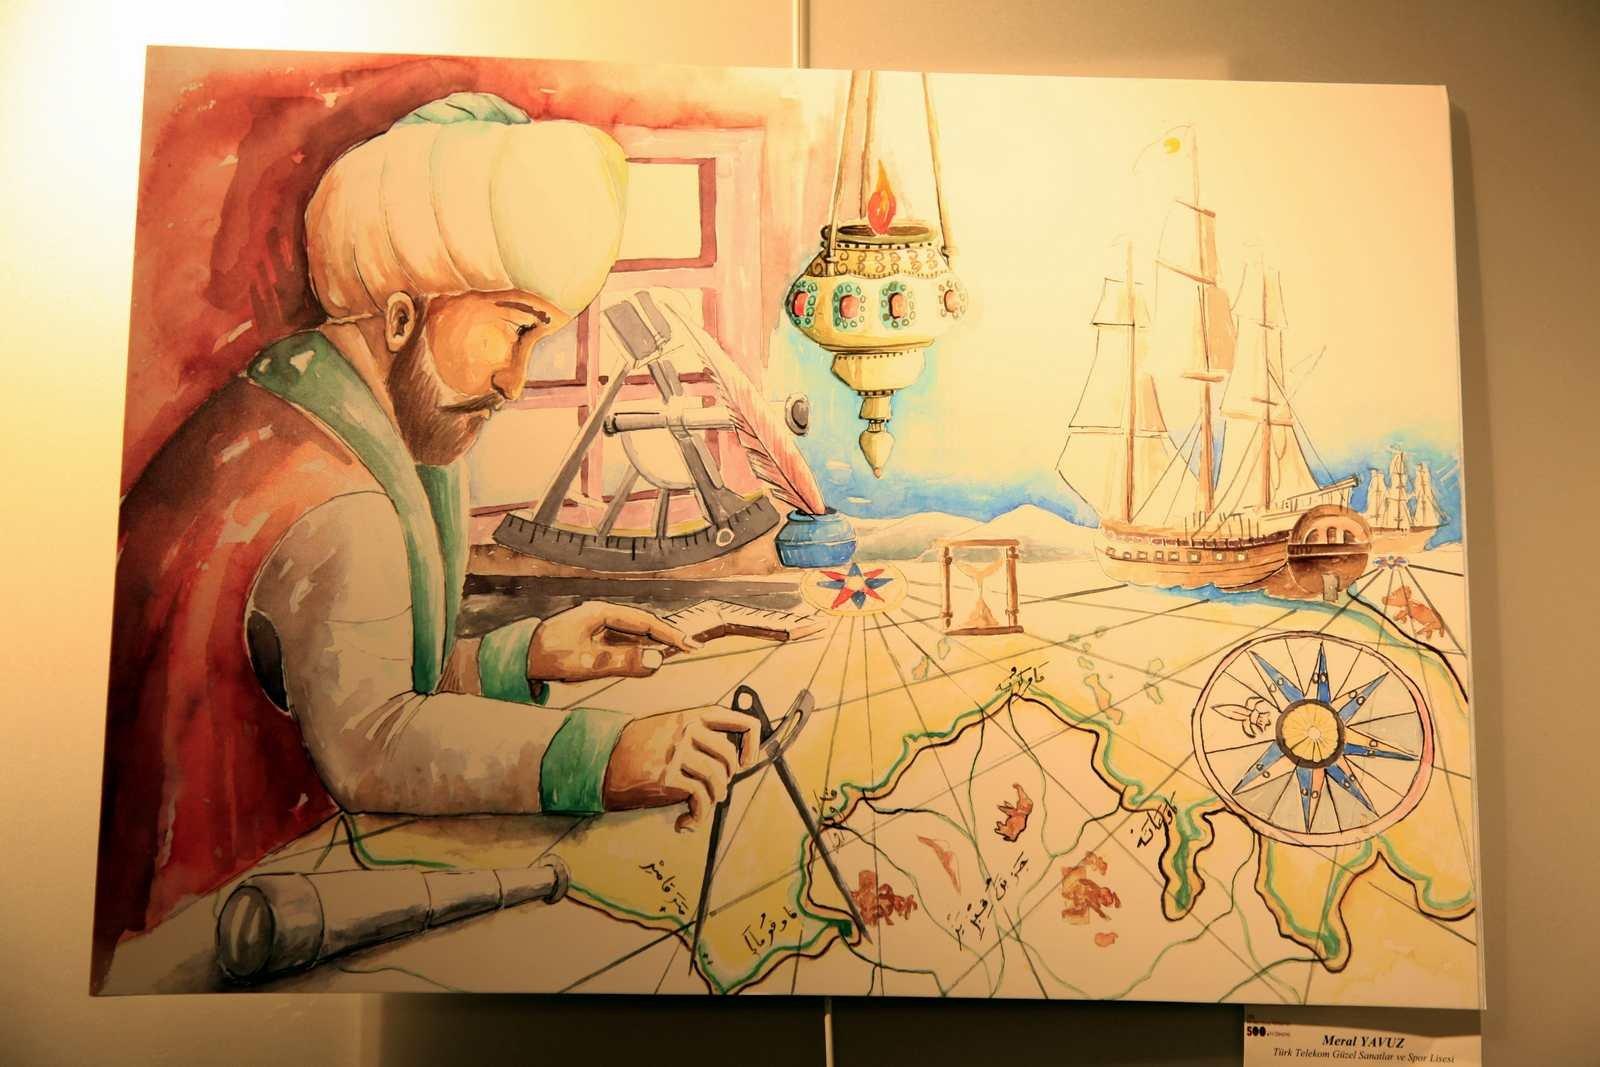 Piri Reis Osmanlı Türkü Denizci Amiral Ve Kartografı. Haritası Osmanlı Devleti İlim Teknik Osmanlı Devleti. Ünlü Türk Müslüman Bilim Adamları Kimdir Bilim Katkıları Nedir Turk Islam Bilginleri